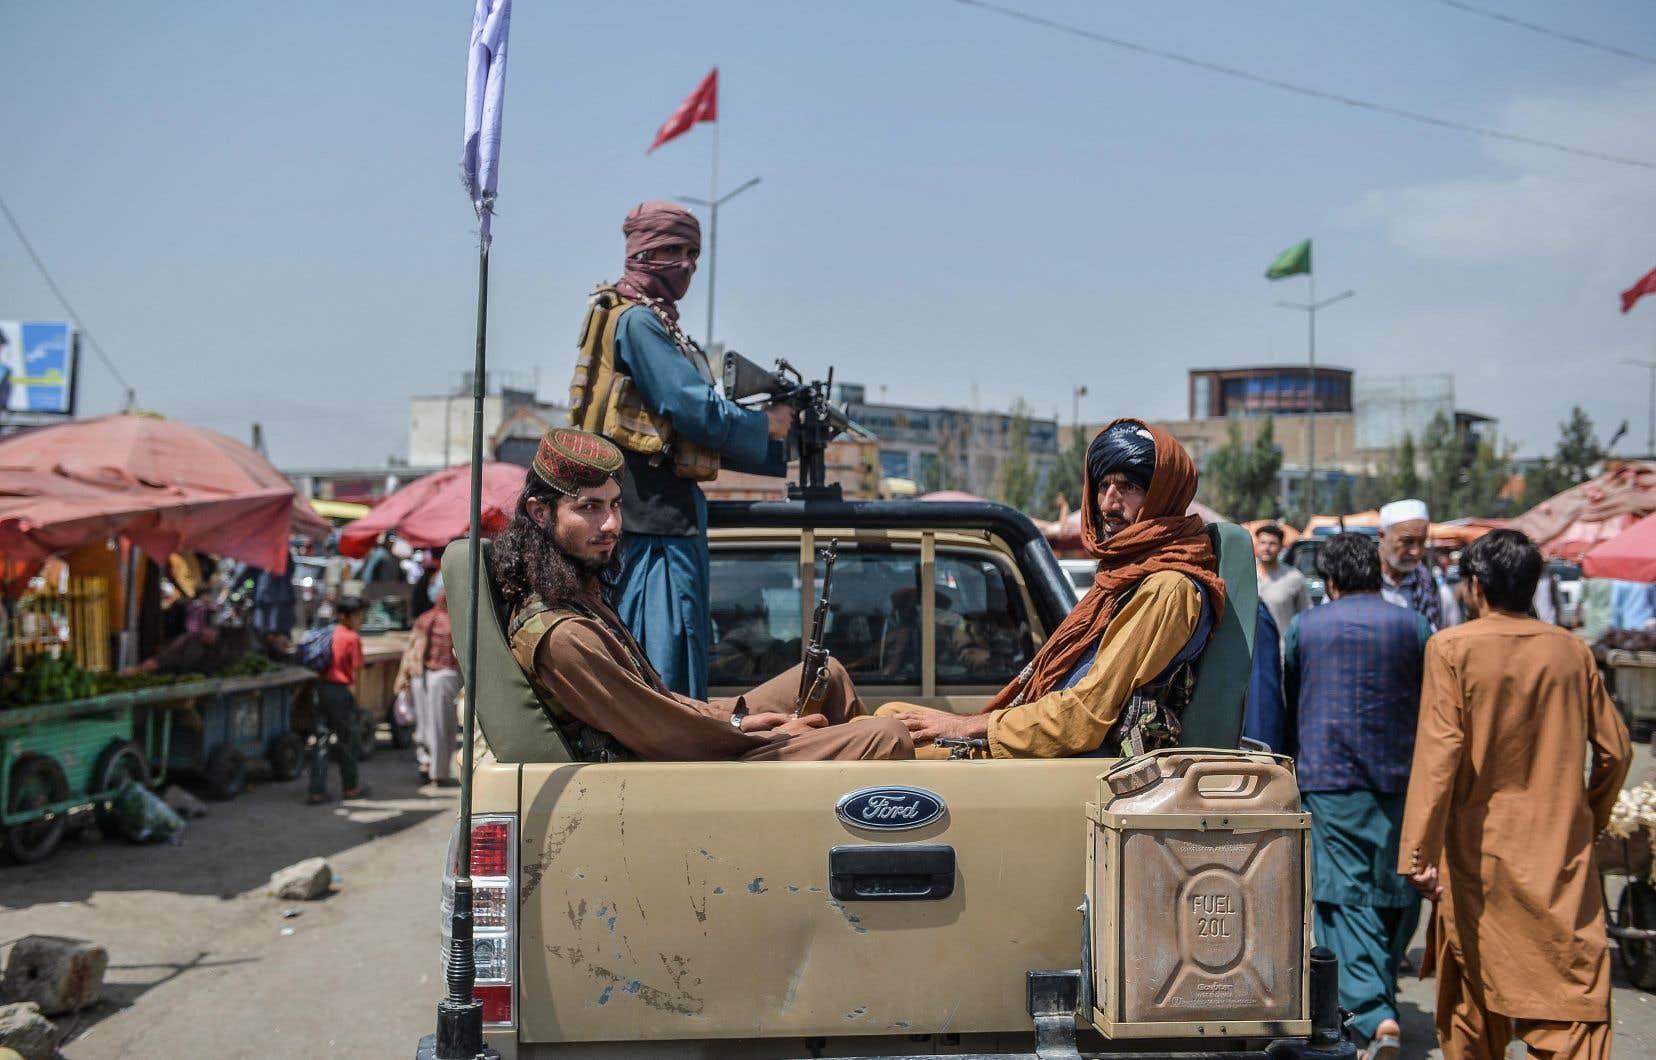 «Les talibans patrouillent dans la ville en petits convois. Ils n'importunent personne, mais bien sûr les gens ont peur», confie un commerçant de Kaboul. On les voit ici dans un marché du quartier deKote Sangi.